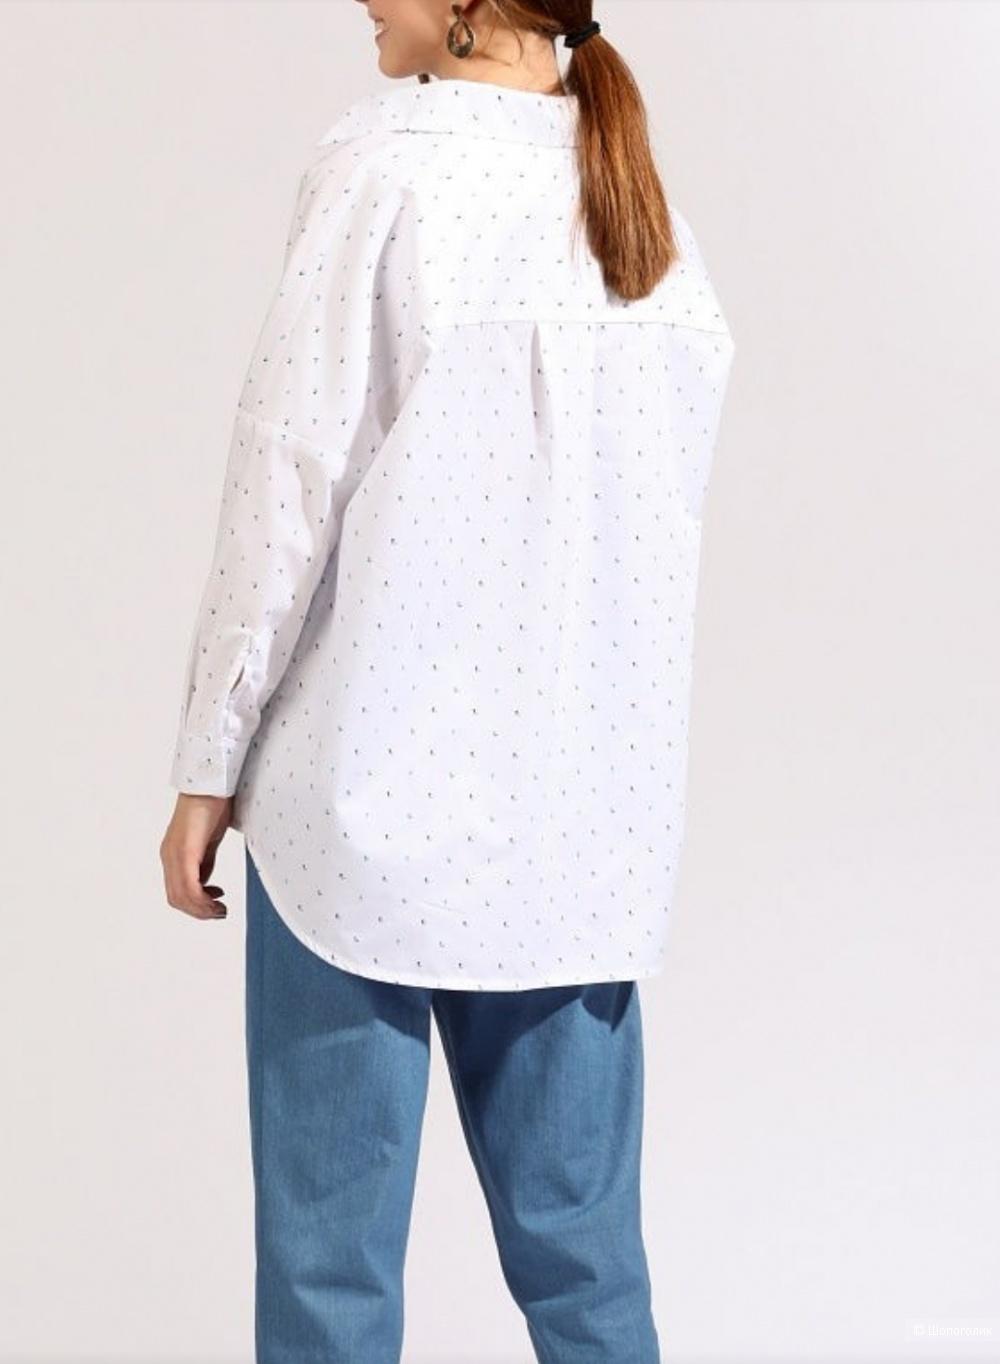 Рубашка Jackie Smart, размер XS